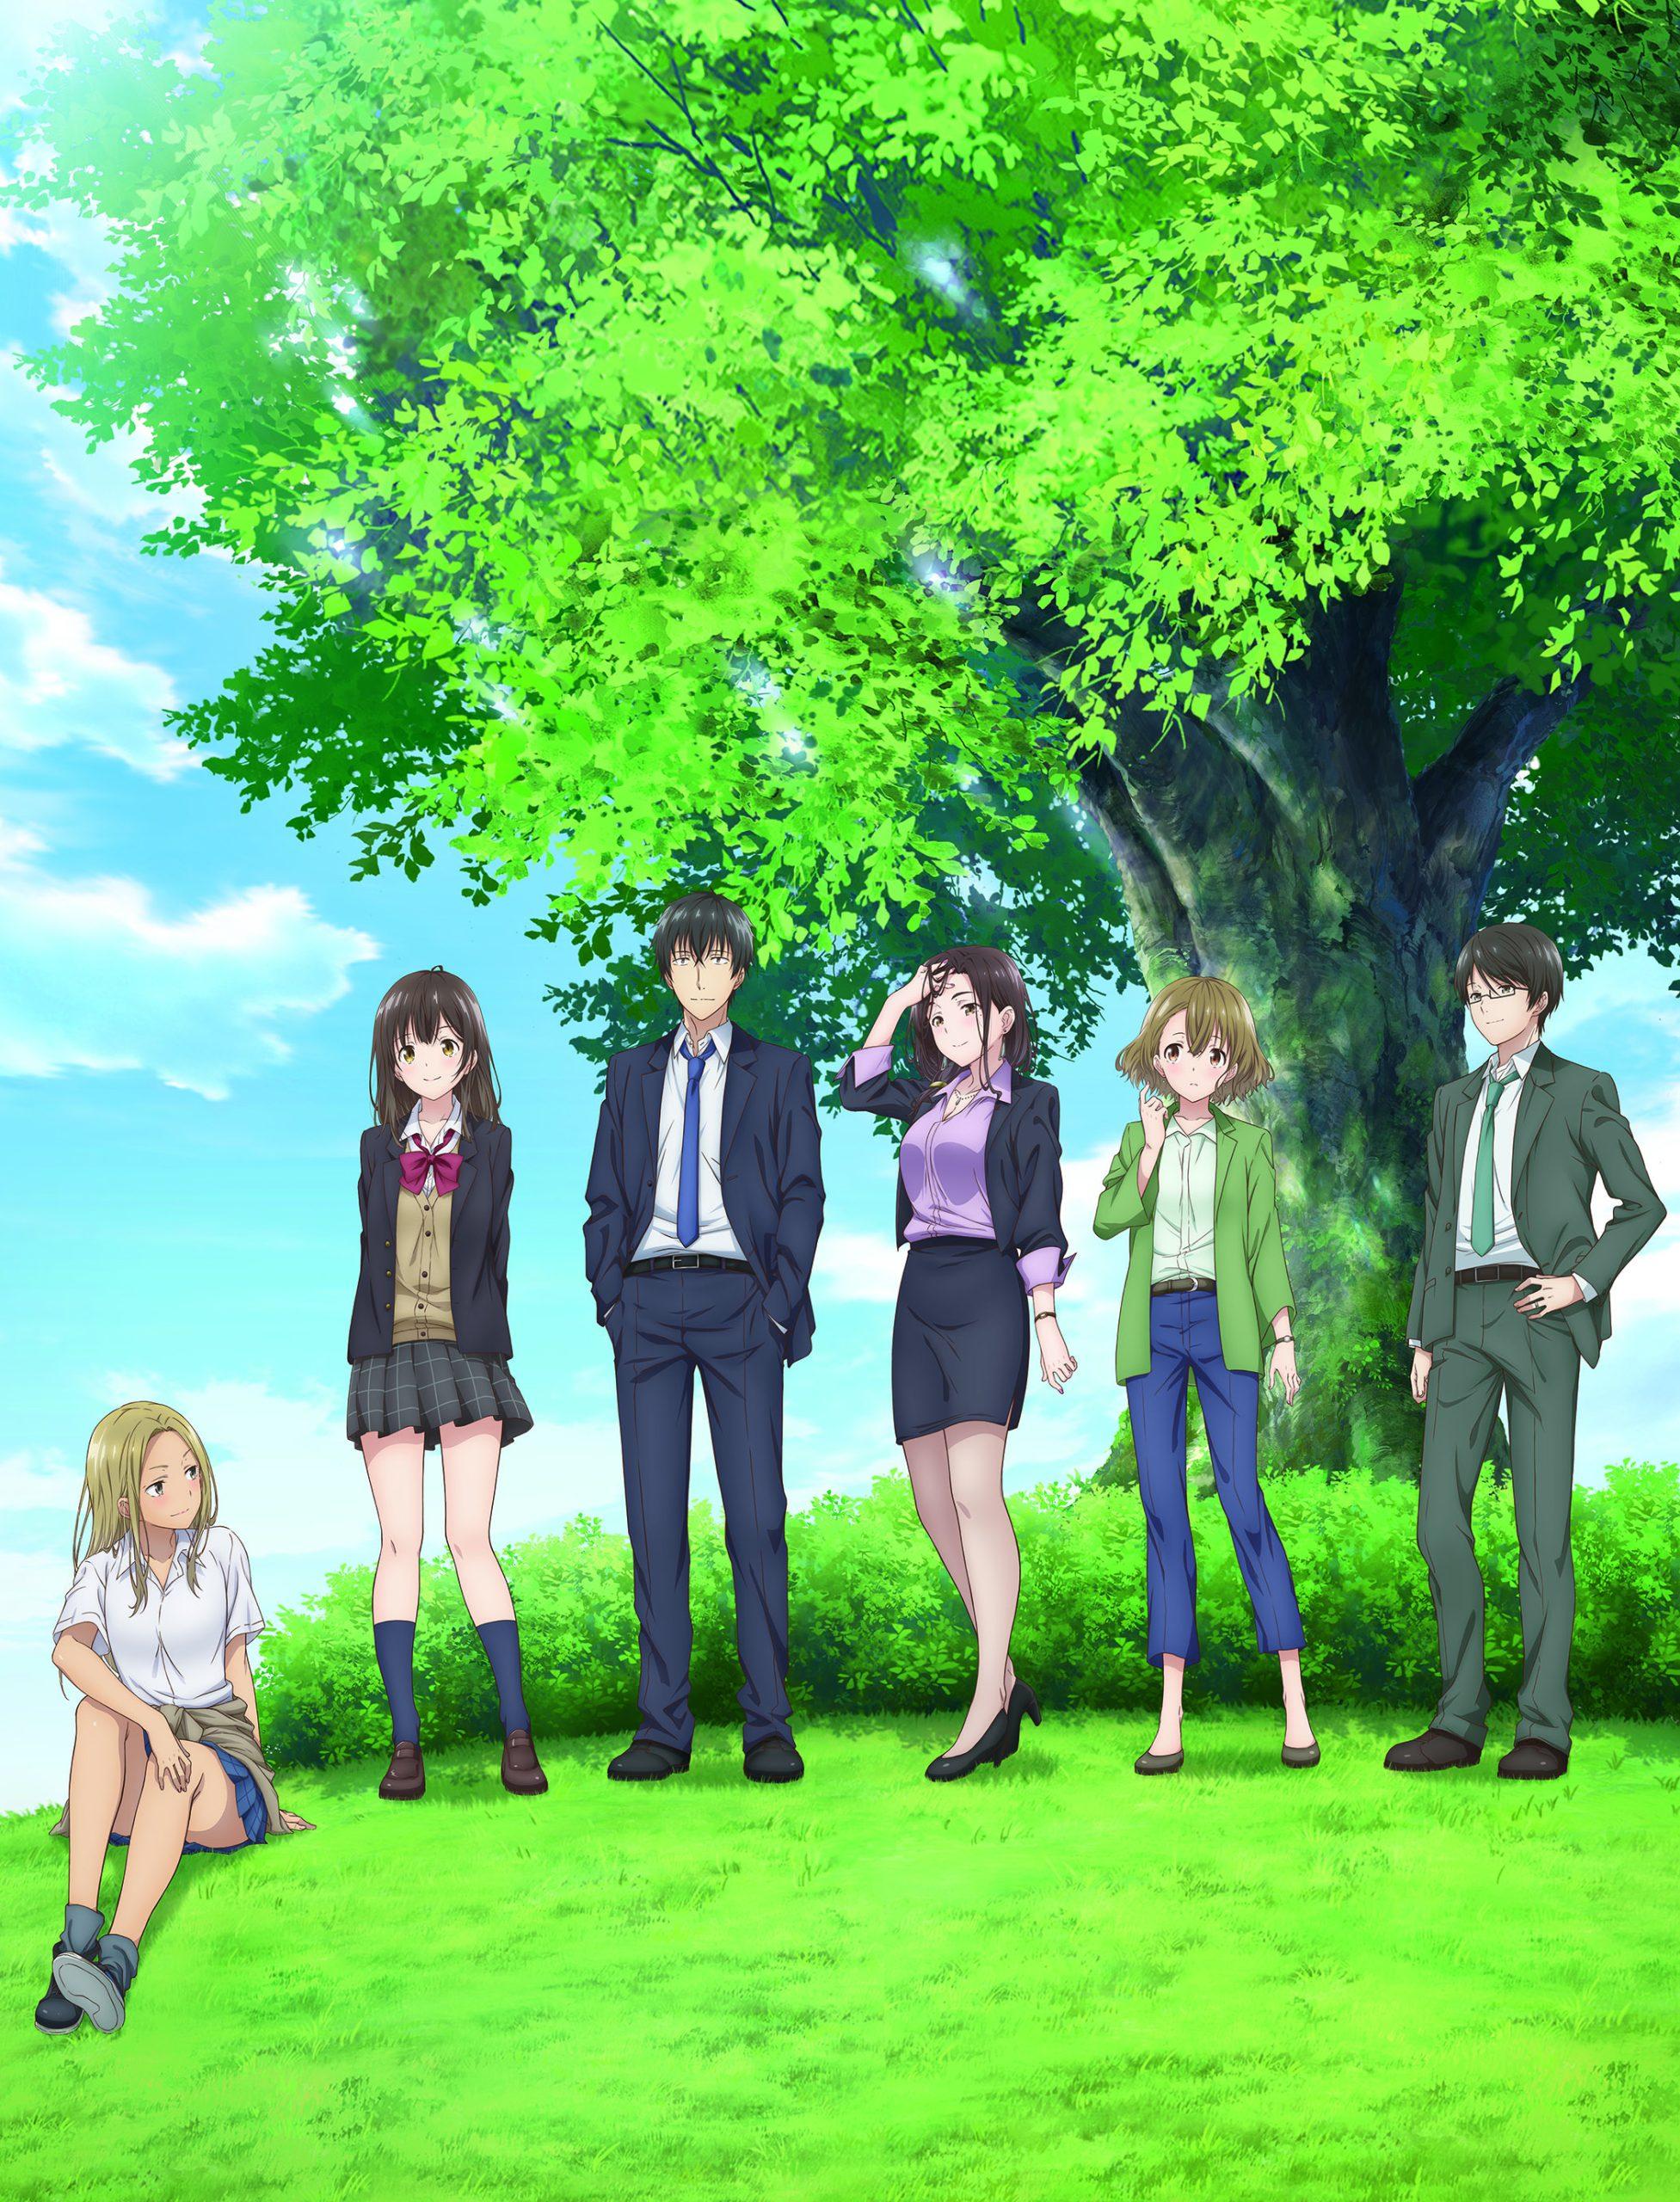 Anime Hige wo Soru. Soshite Joshikousei wo Hirou. Visual